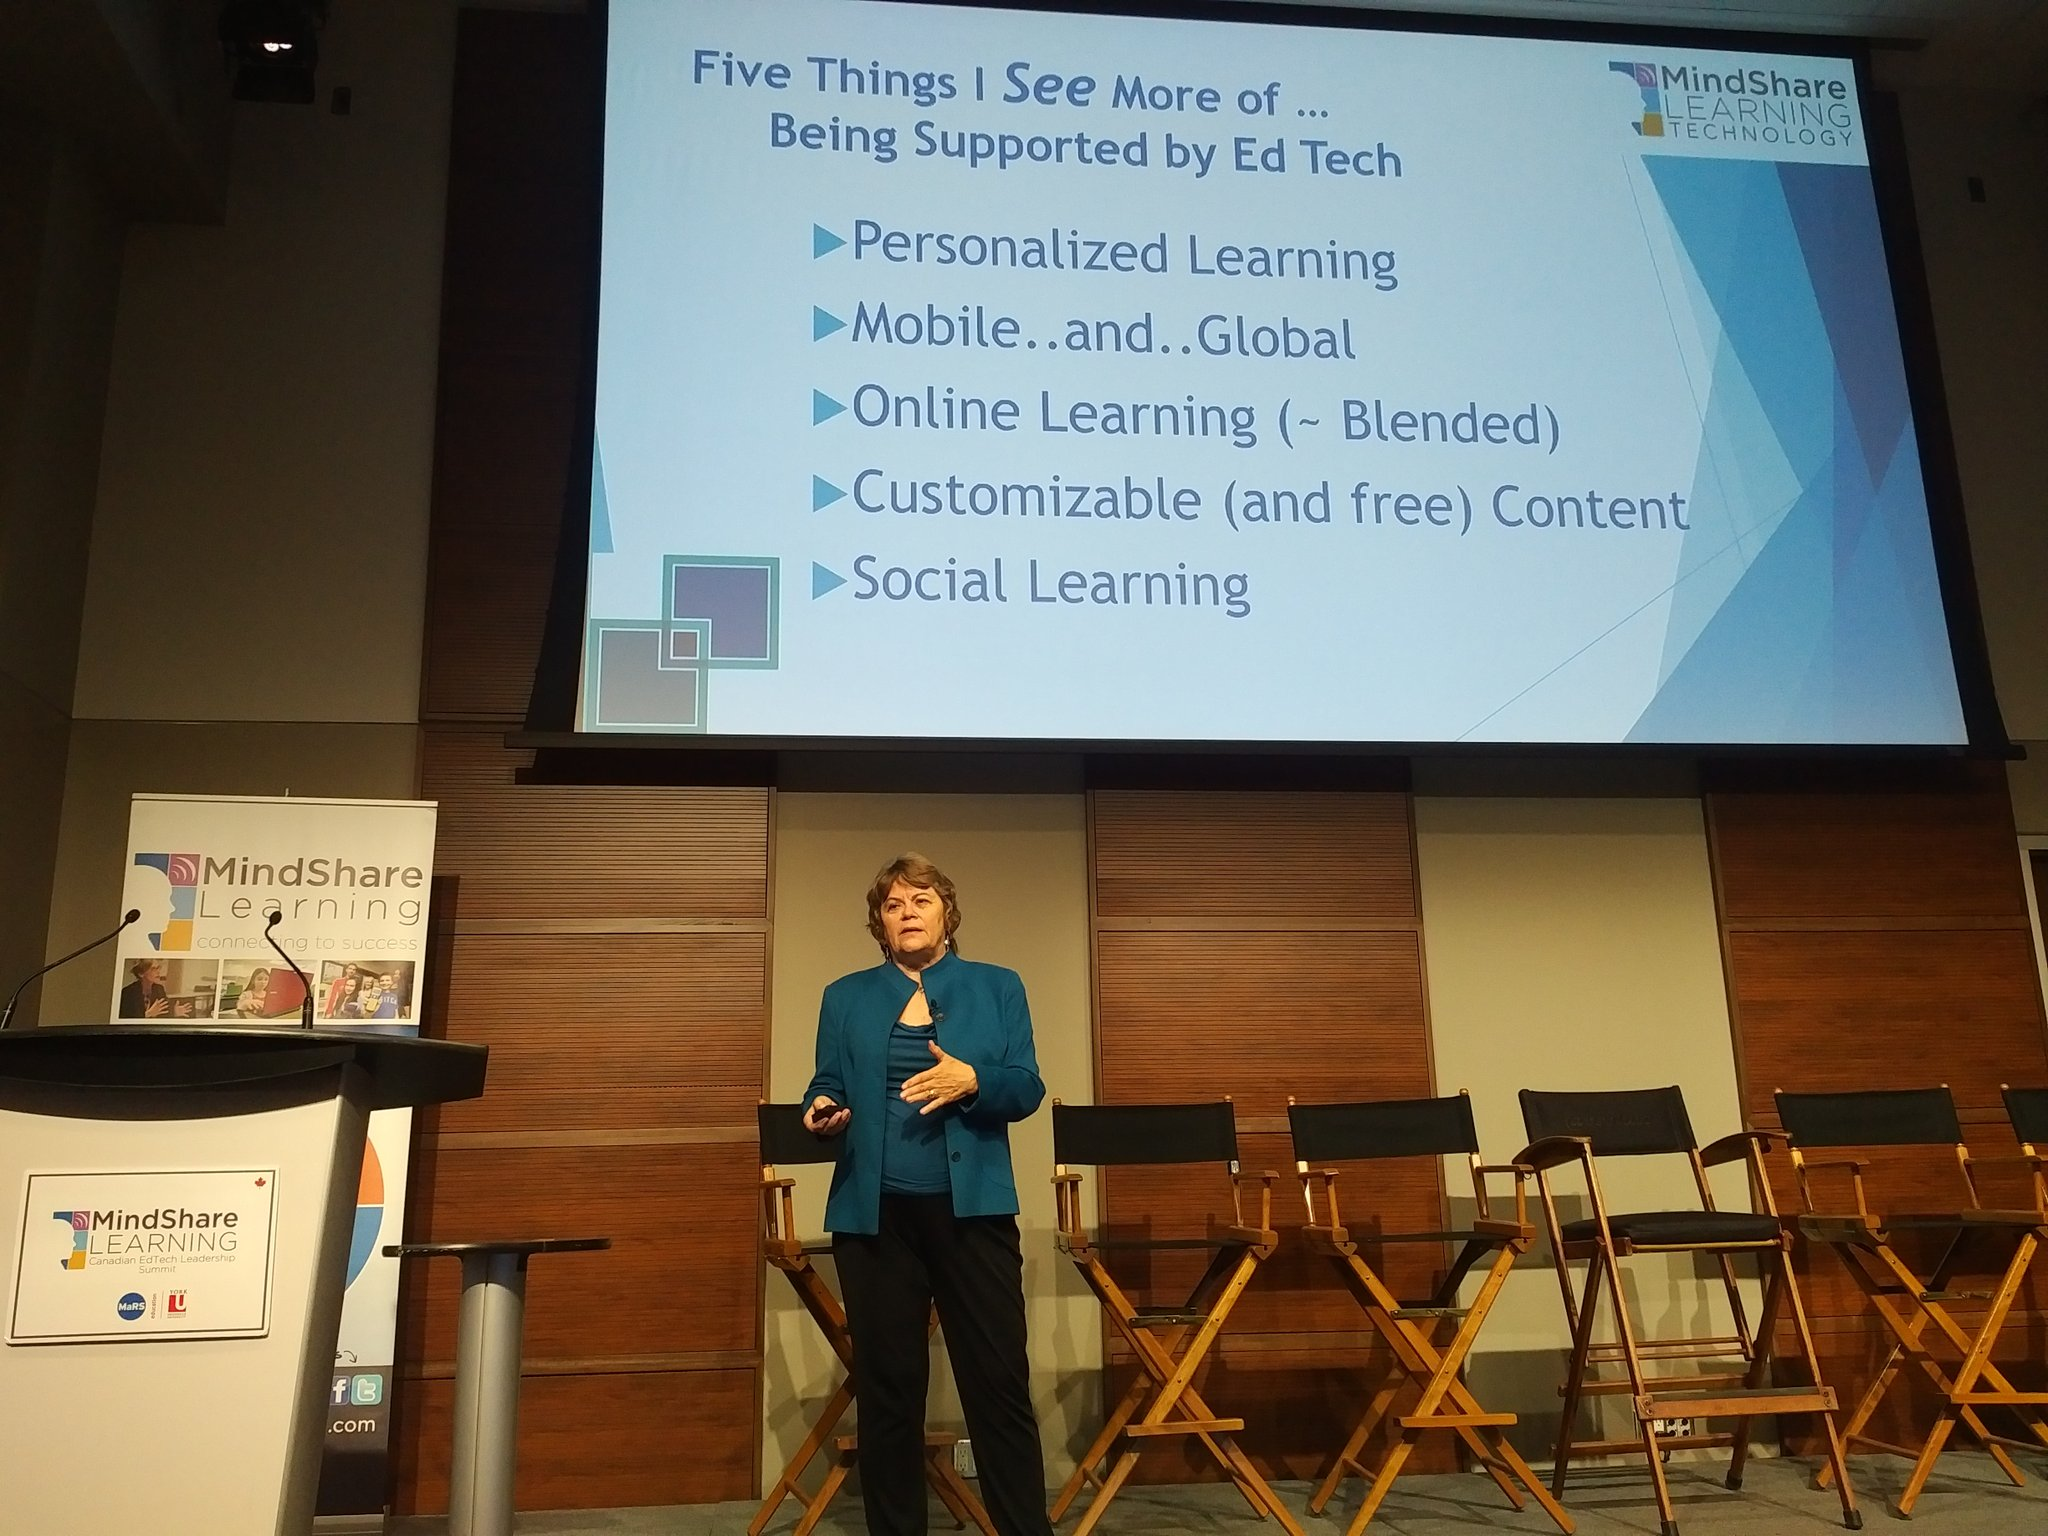 Excellent #edtech trends insight slide from keynote Dr. Karen Billings #cdnedtech16 #Toronto. @MaRSDD @SIIAKaren https://t.co/EZdi8Hh0wY